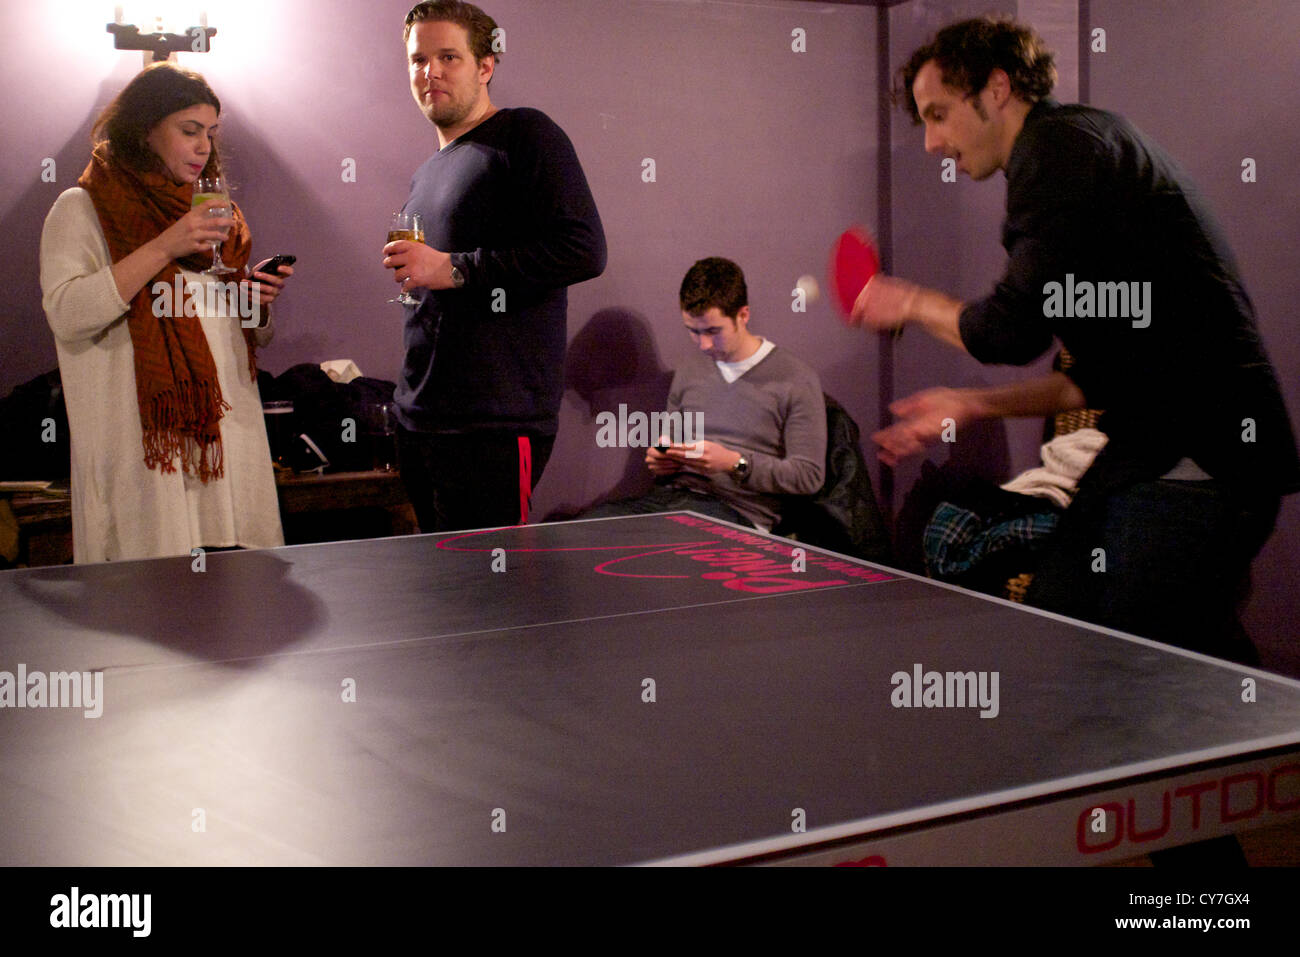 Ping Pong en Londres. Jugando al tenis de mesa en un pub, en la moderna zona de Clerkenwell de Londres. Imagen De Stock